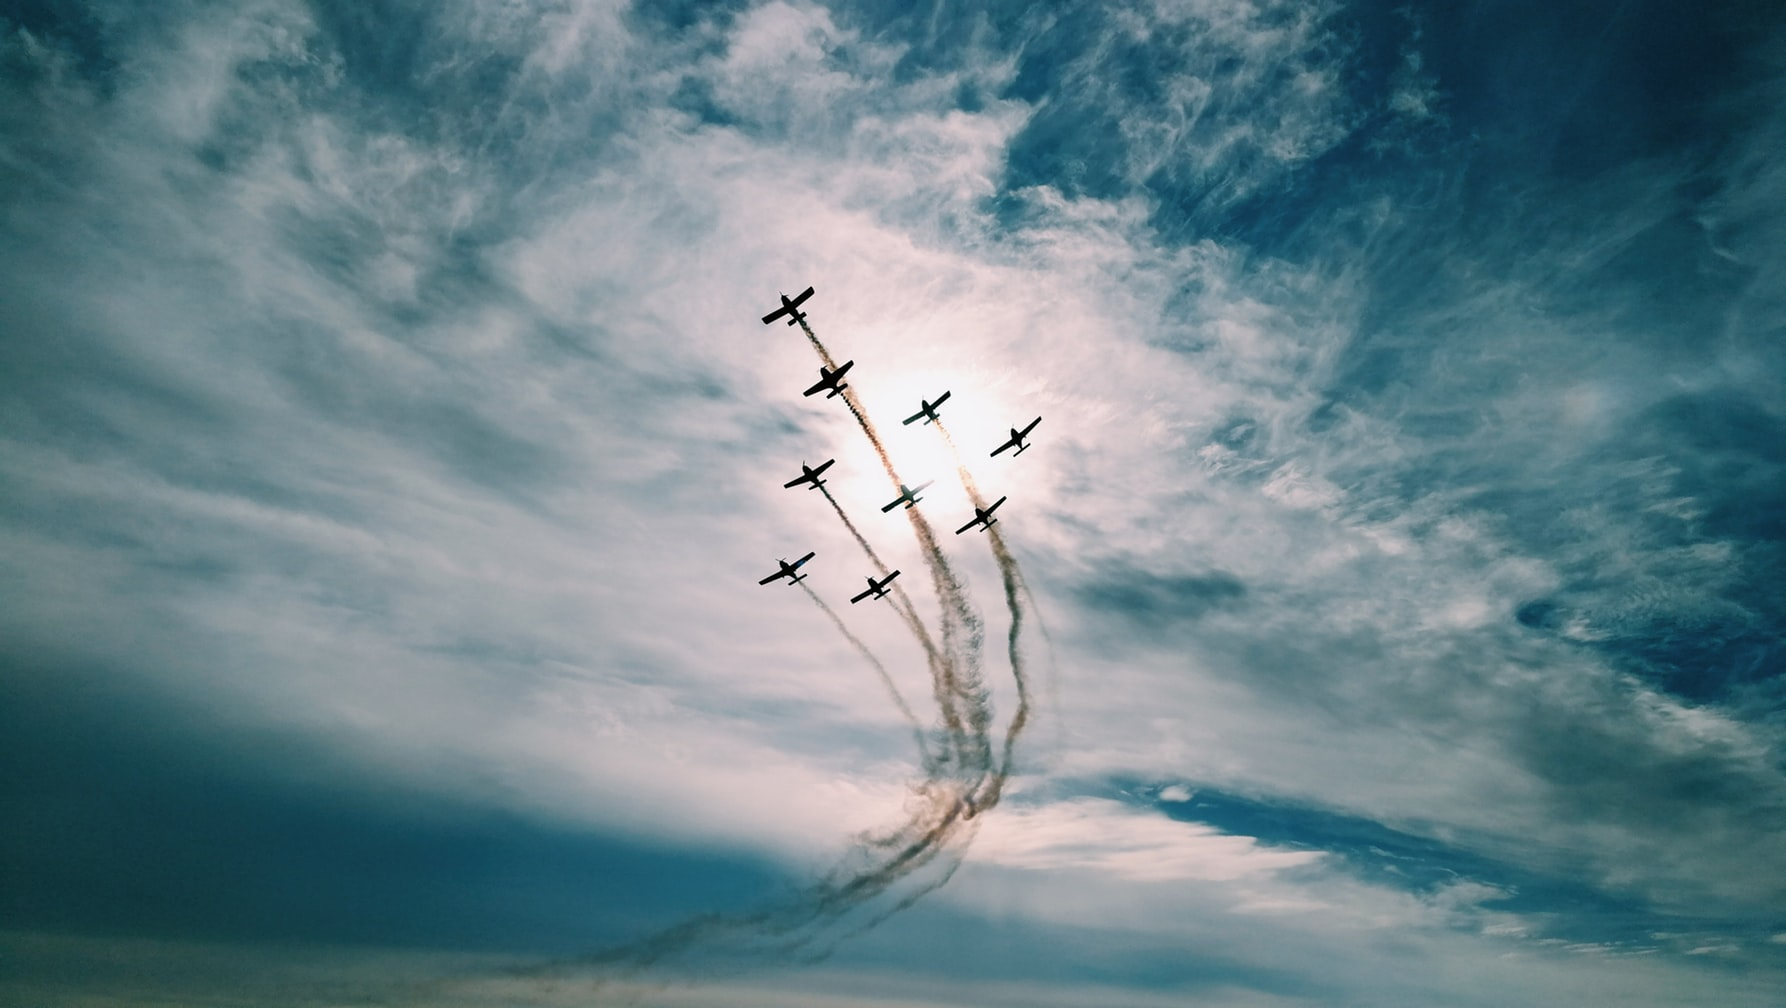 aviation expert witness air show